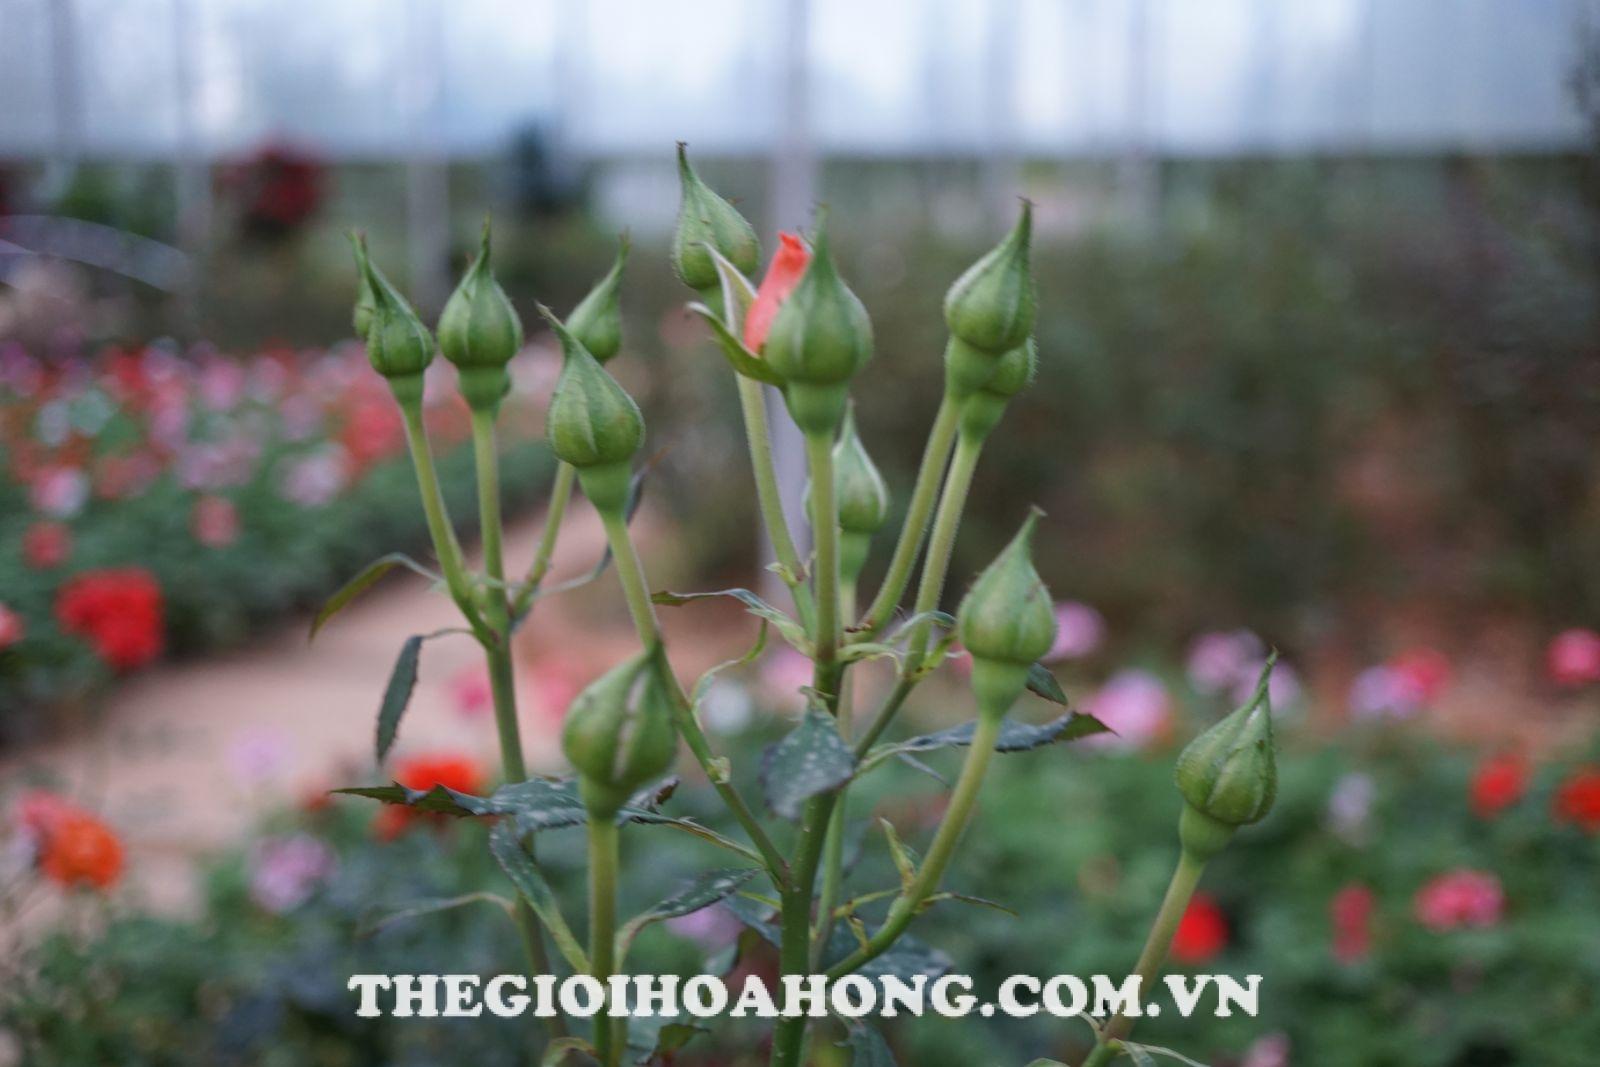 Cách pha thuốc phòng ngừa nấm bệnh cho cây hồng (4)